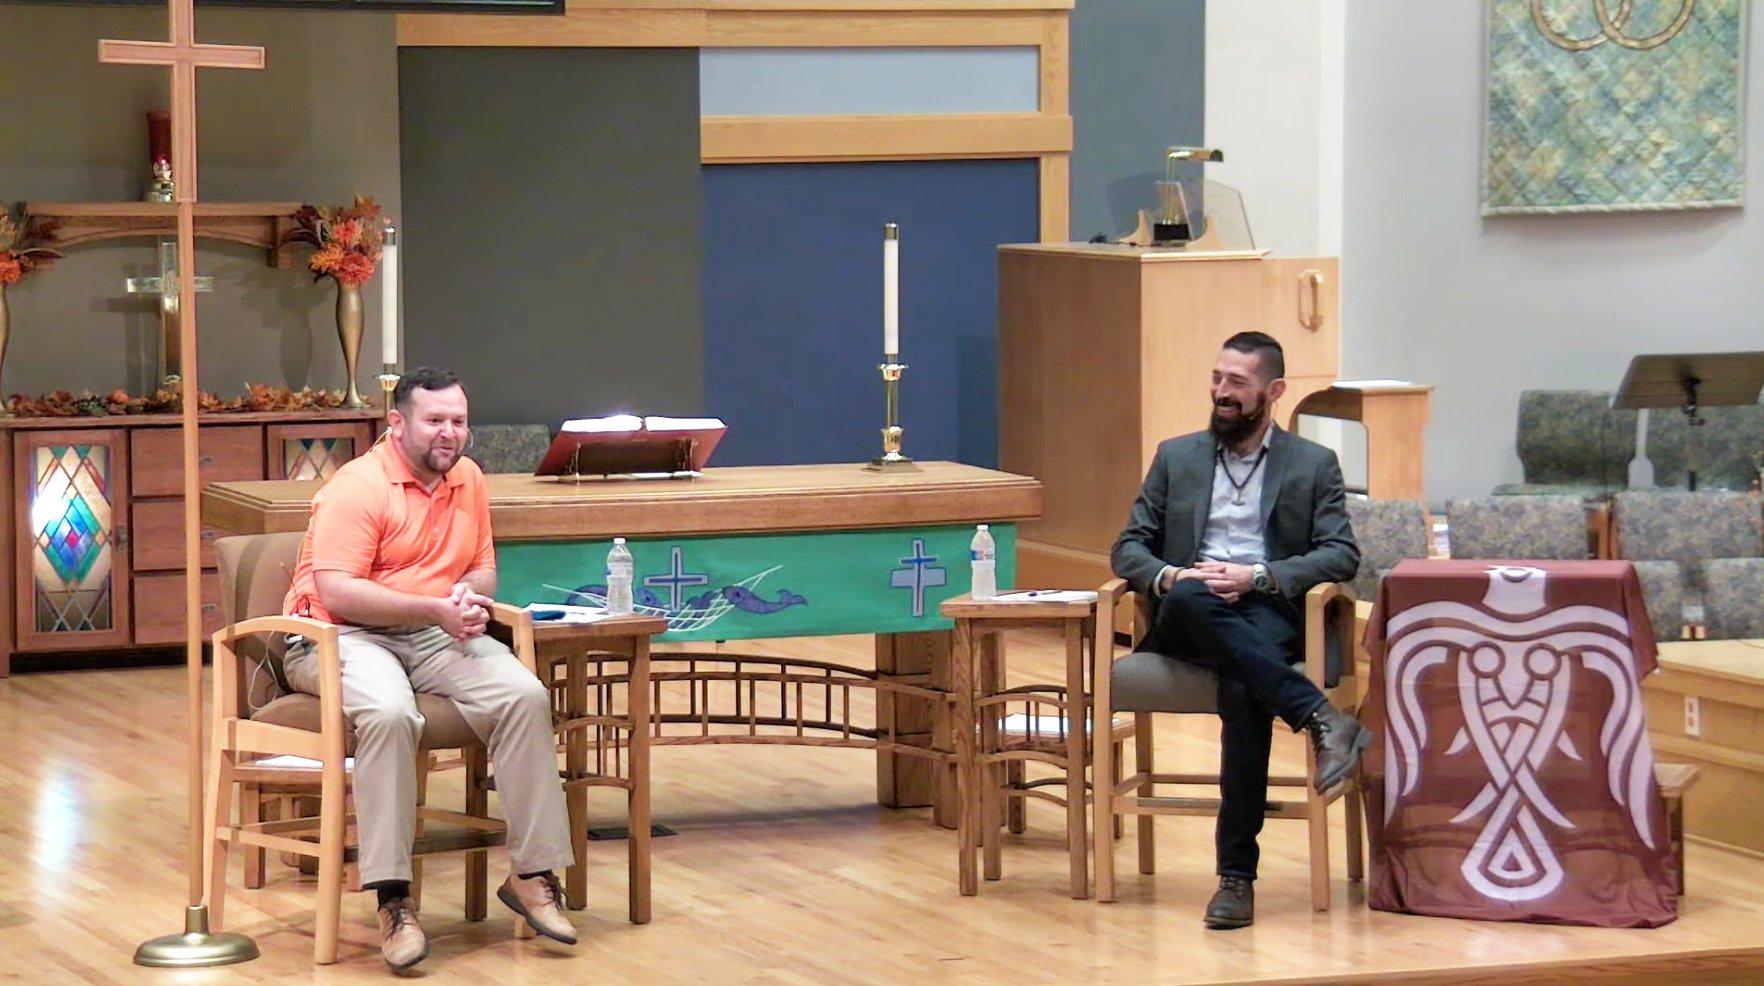 Языческий священнослужитель и христианский пастор призывают к взаимопониманию